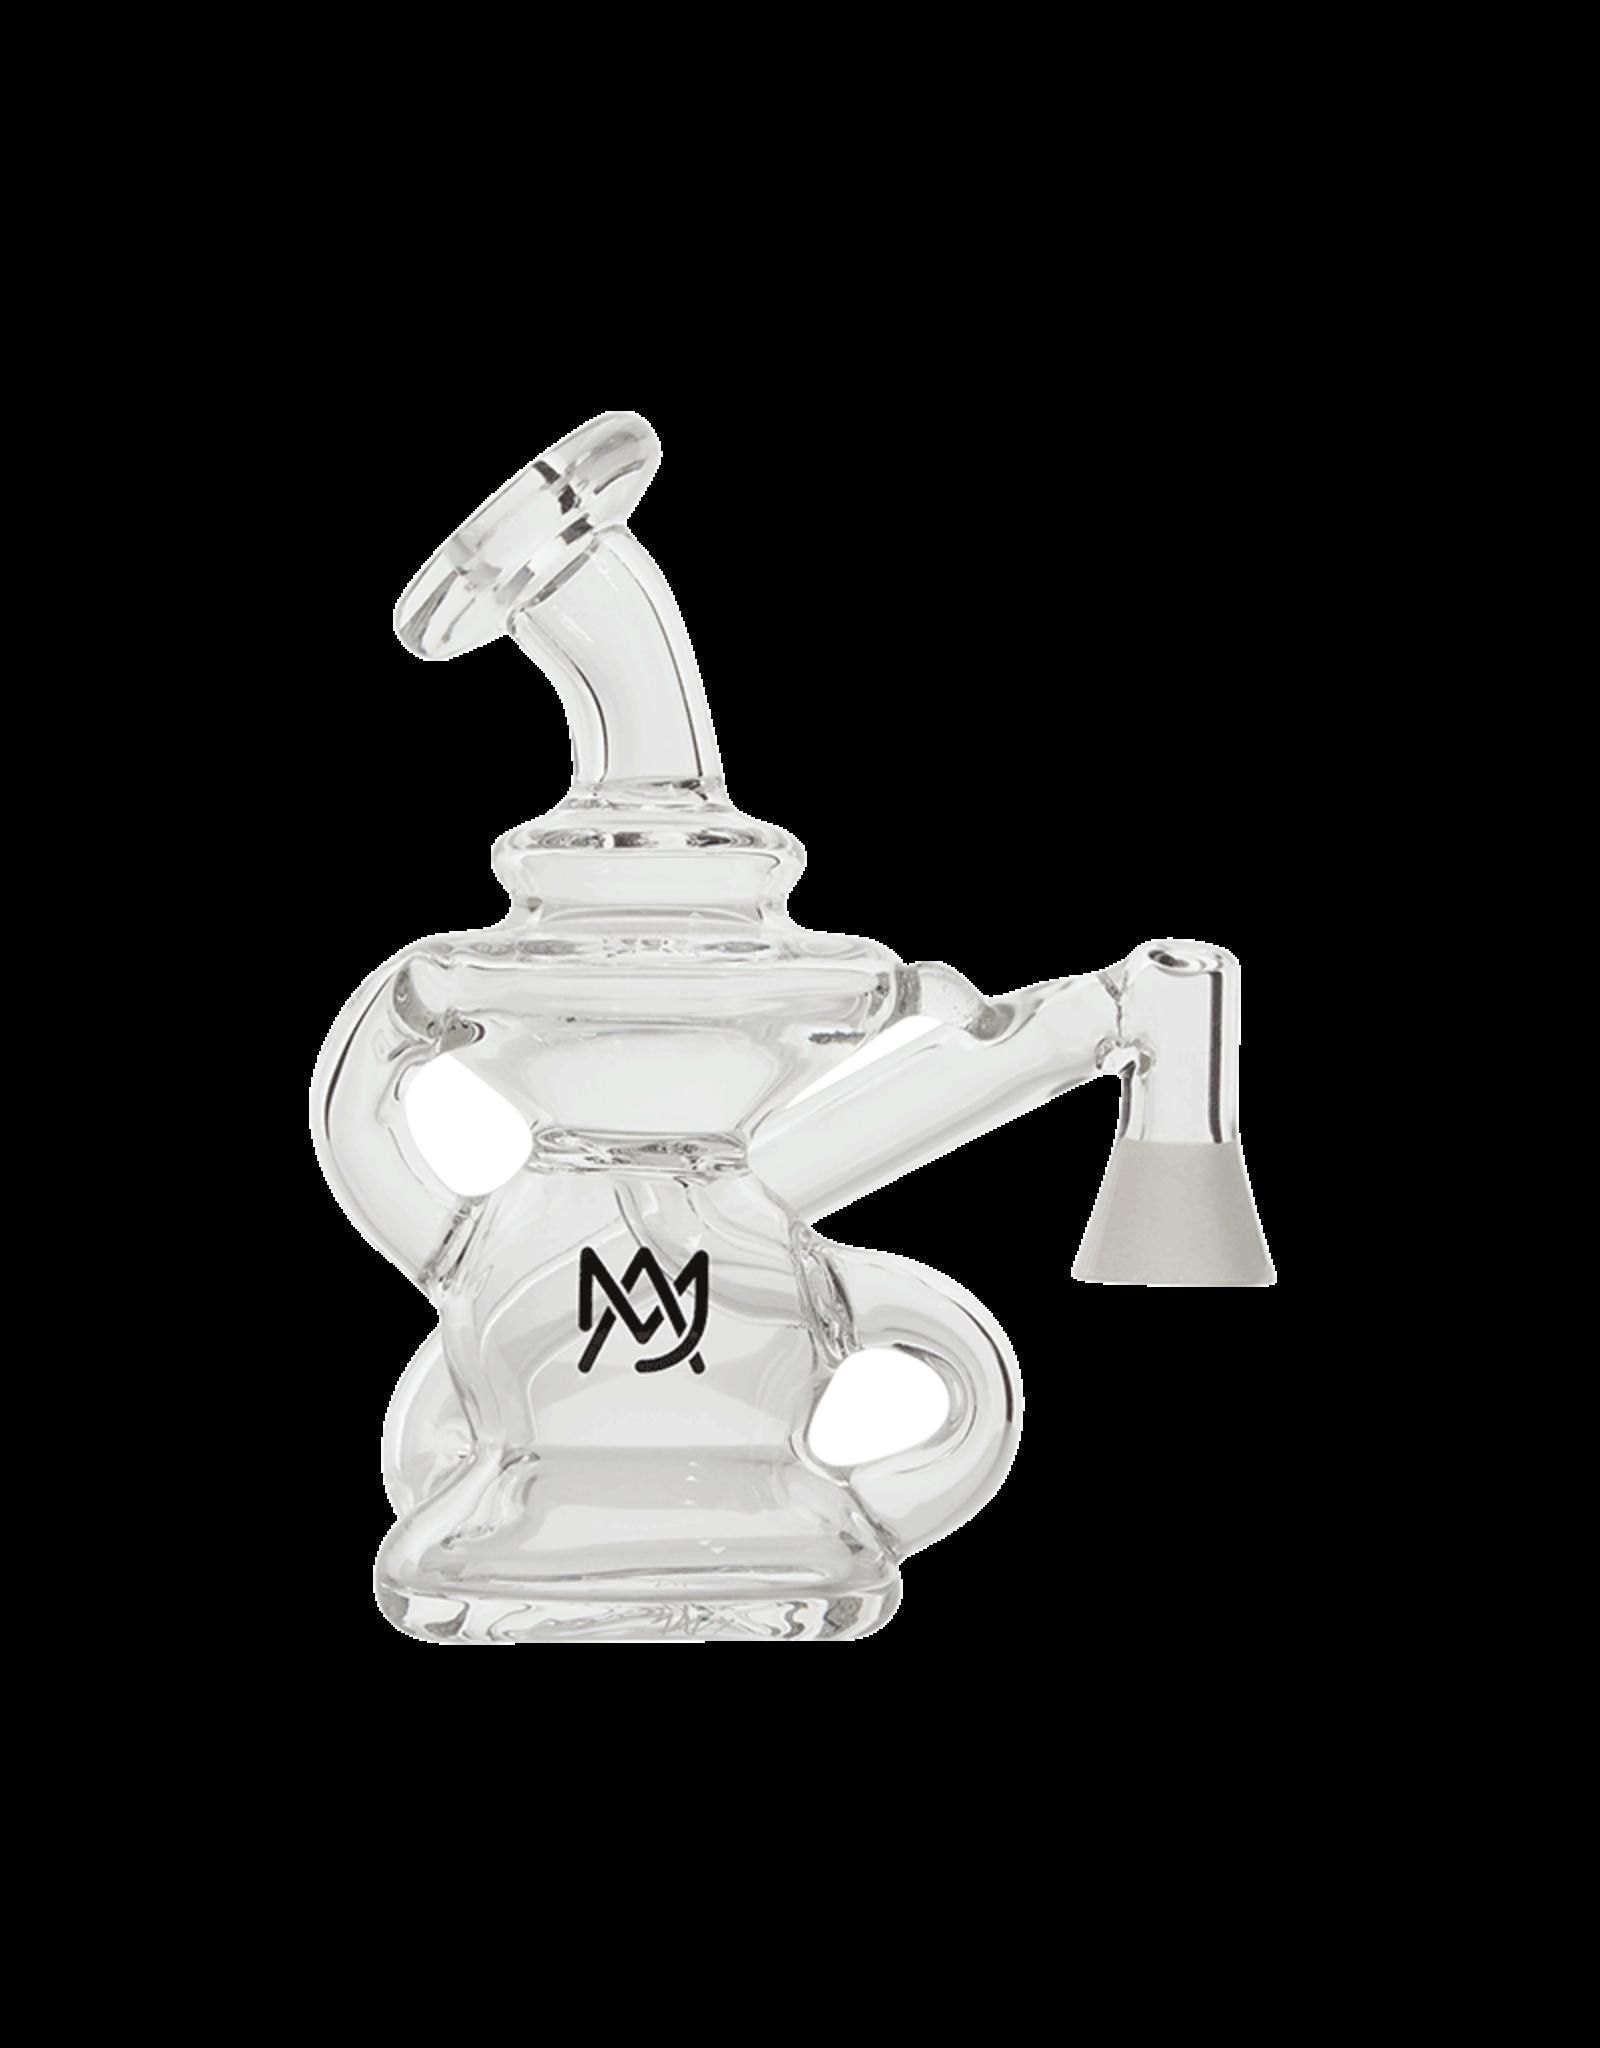 MJ Arsenal Hydra Mini Rig